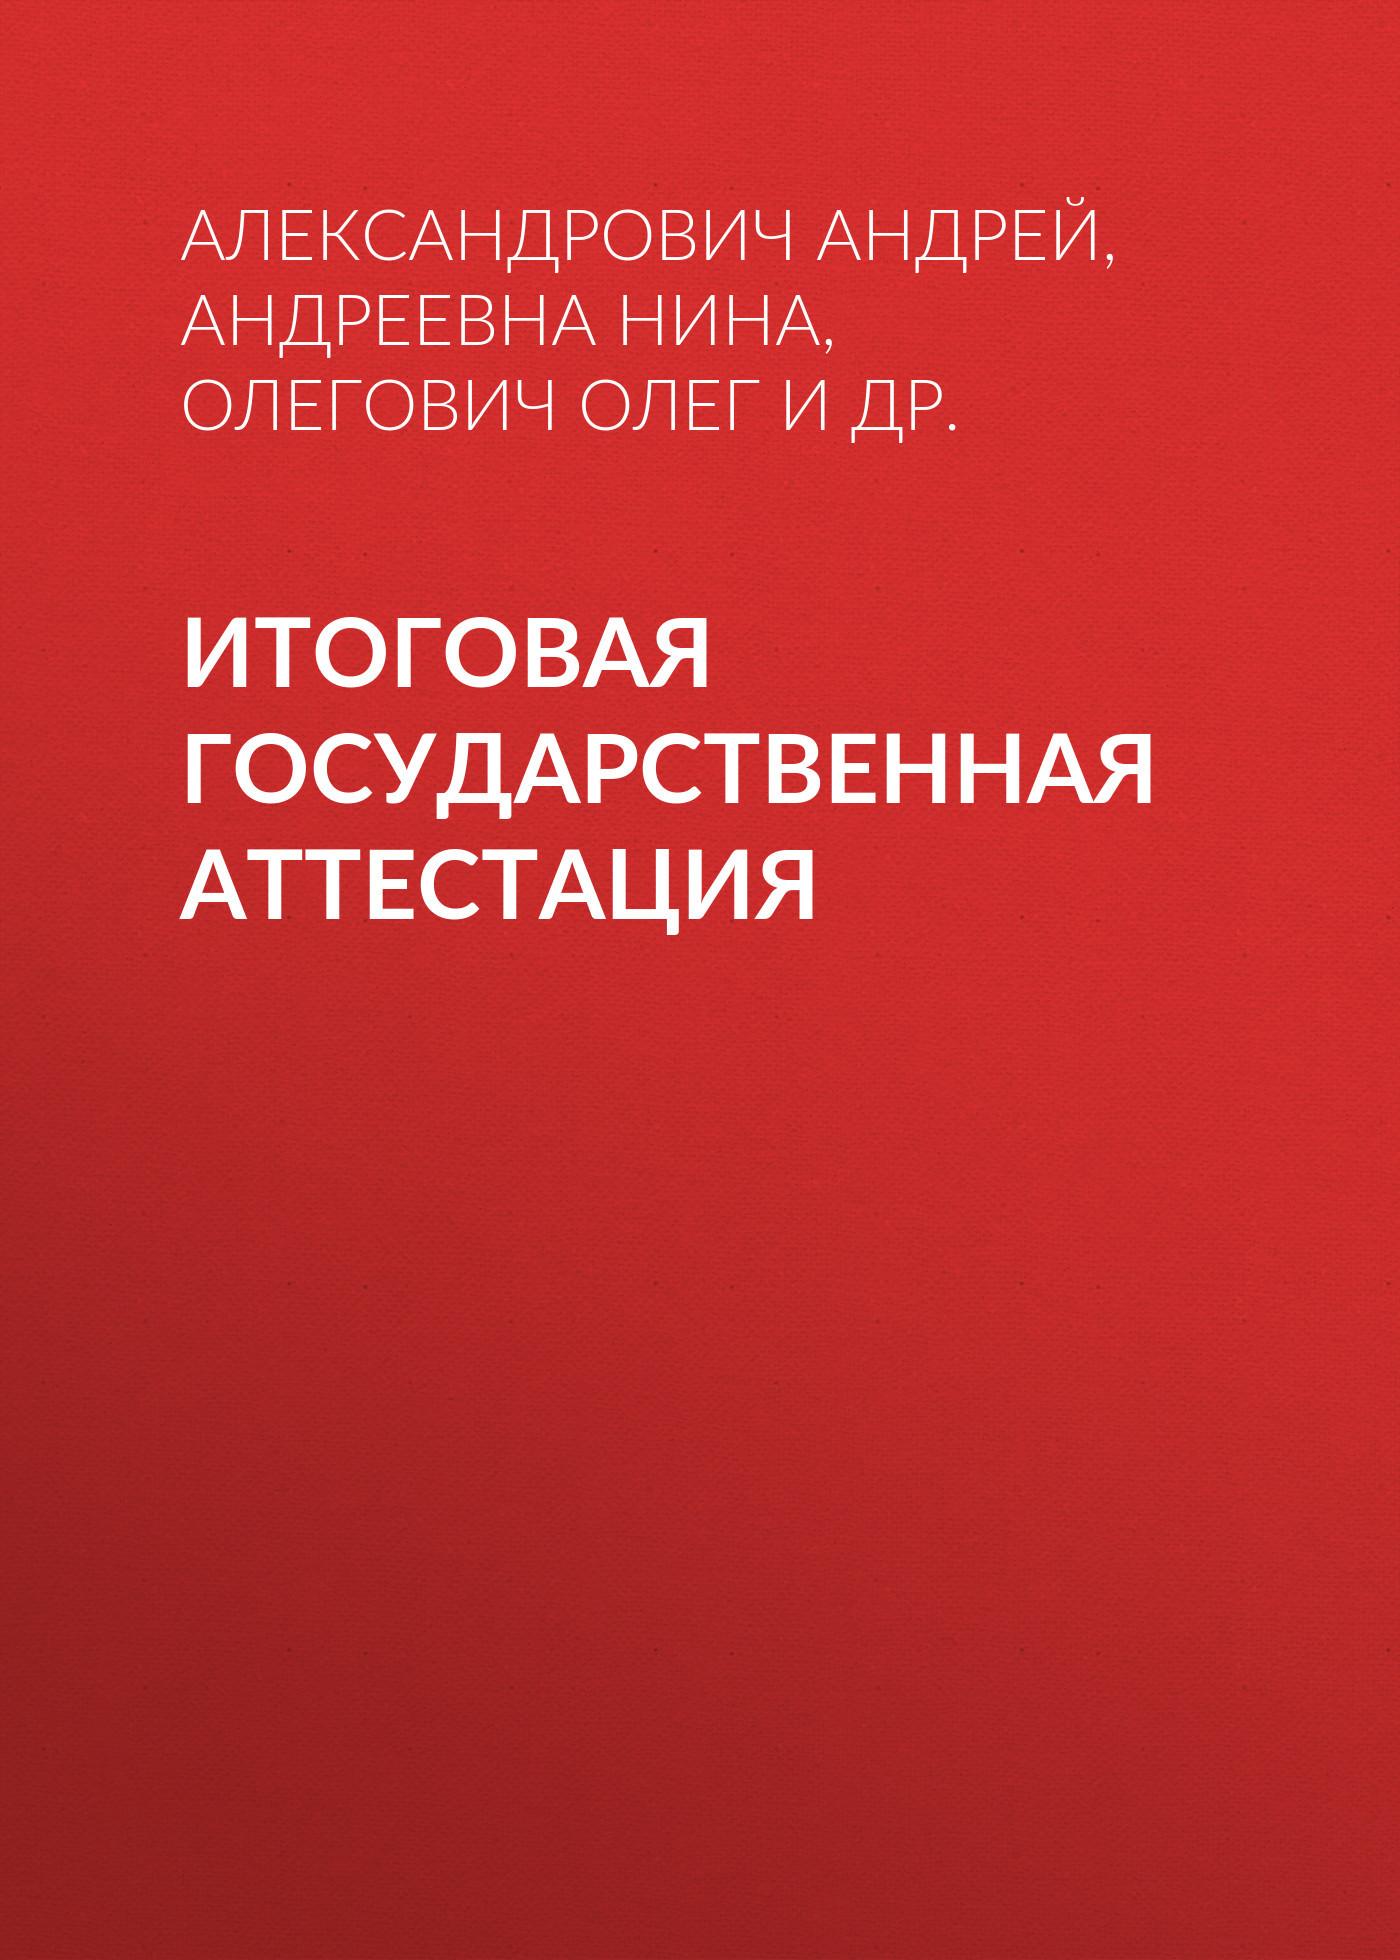 Александрович Андрей. Итоговая государственная аттестация